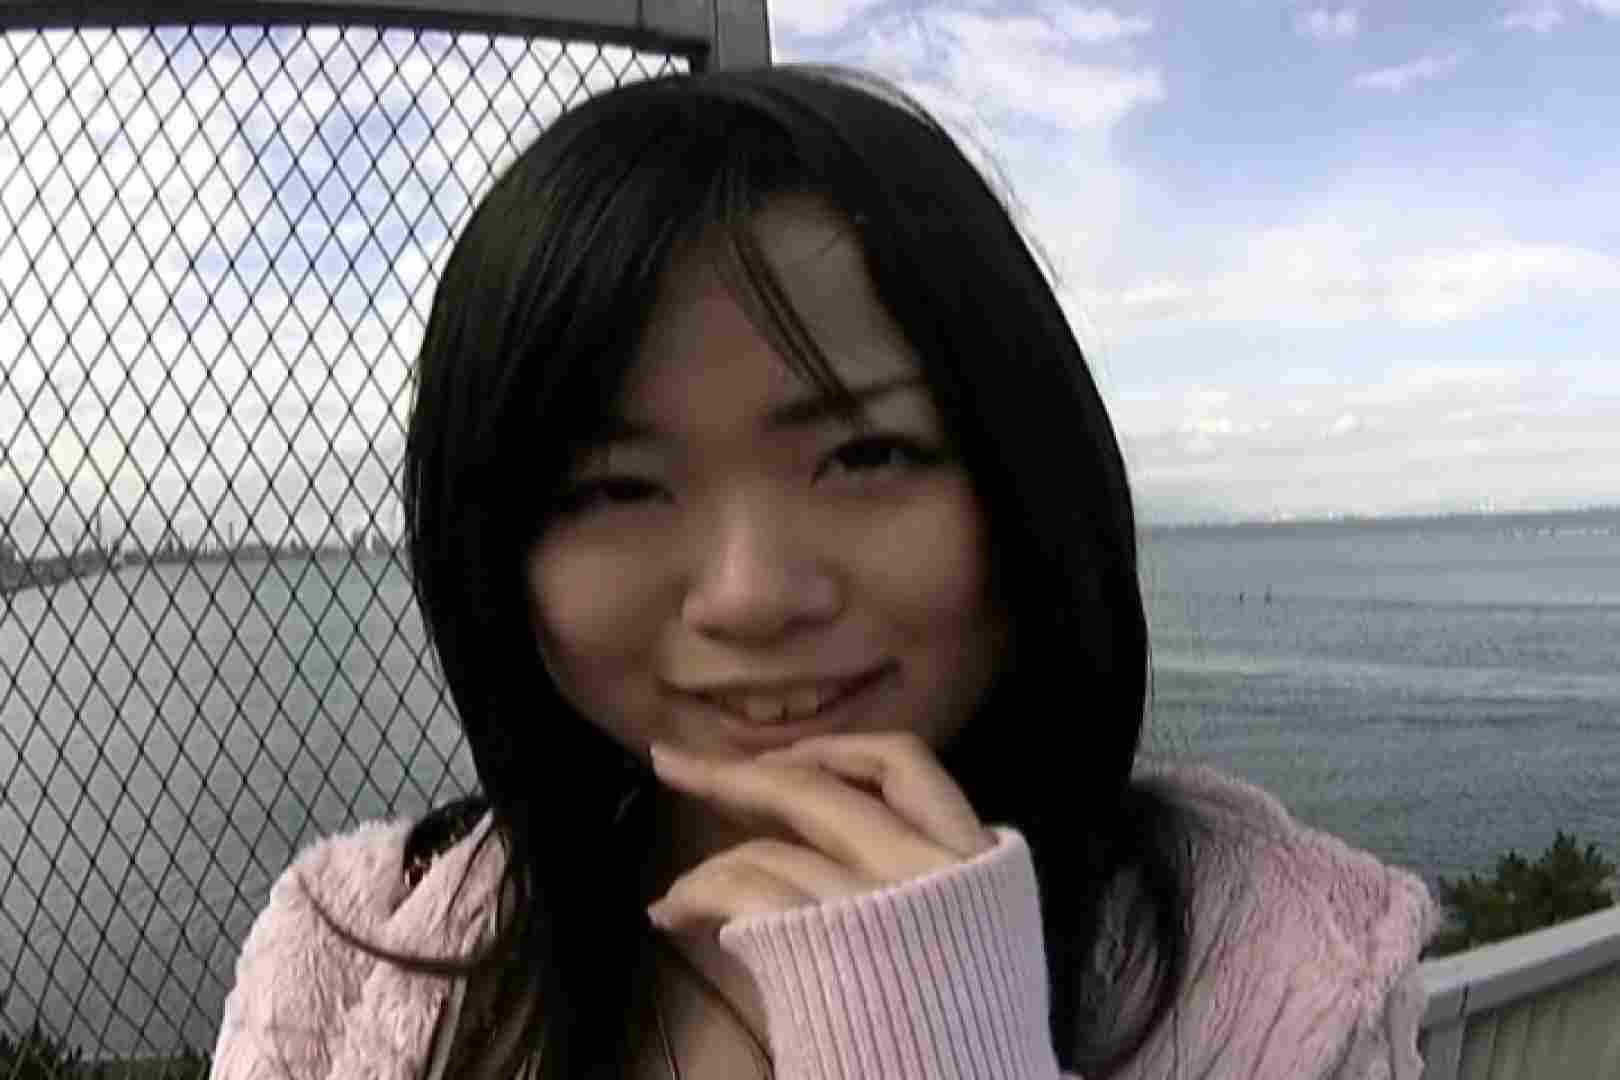 素人嬢がAV面接にやって来た。 仮名ゆみvol.2 スケベ映像 ワレメ無修正動画無料 108画像 95